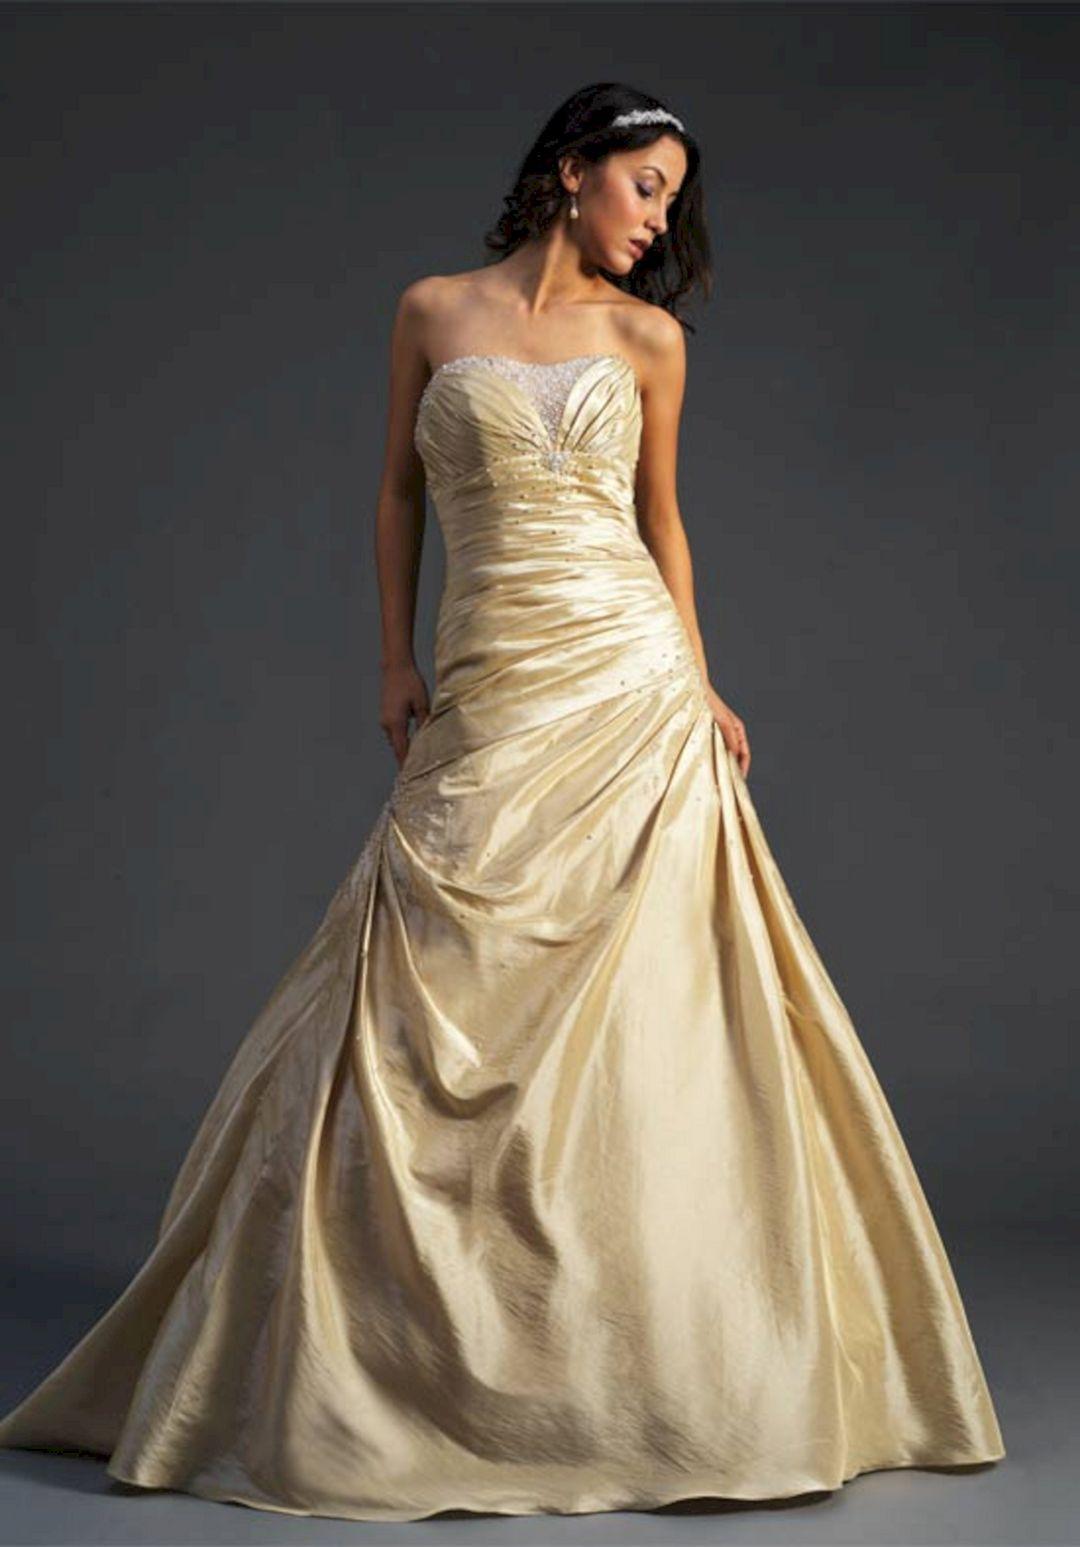 Luxurious Golden Wedding Dress Design: 30+ Best Picture Ideas ...